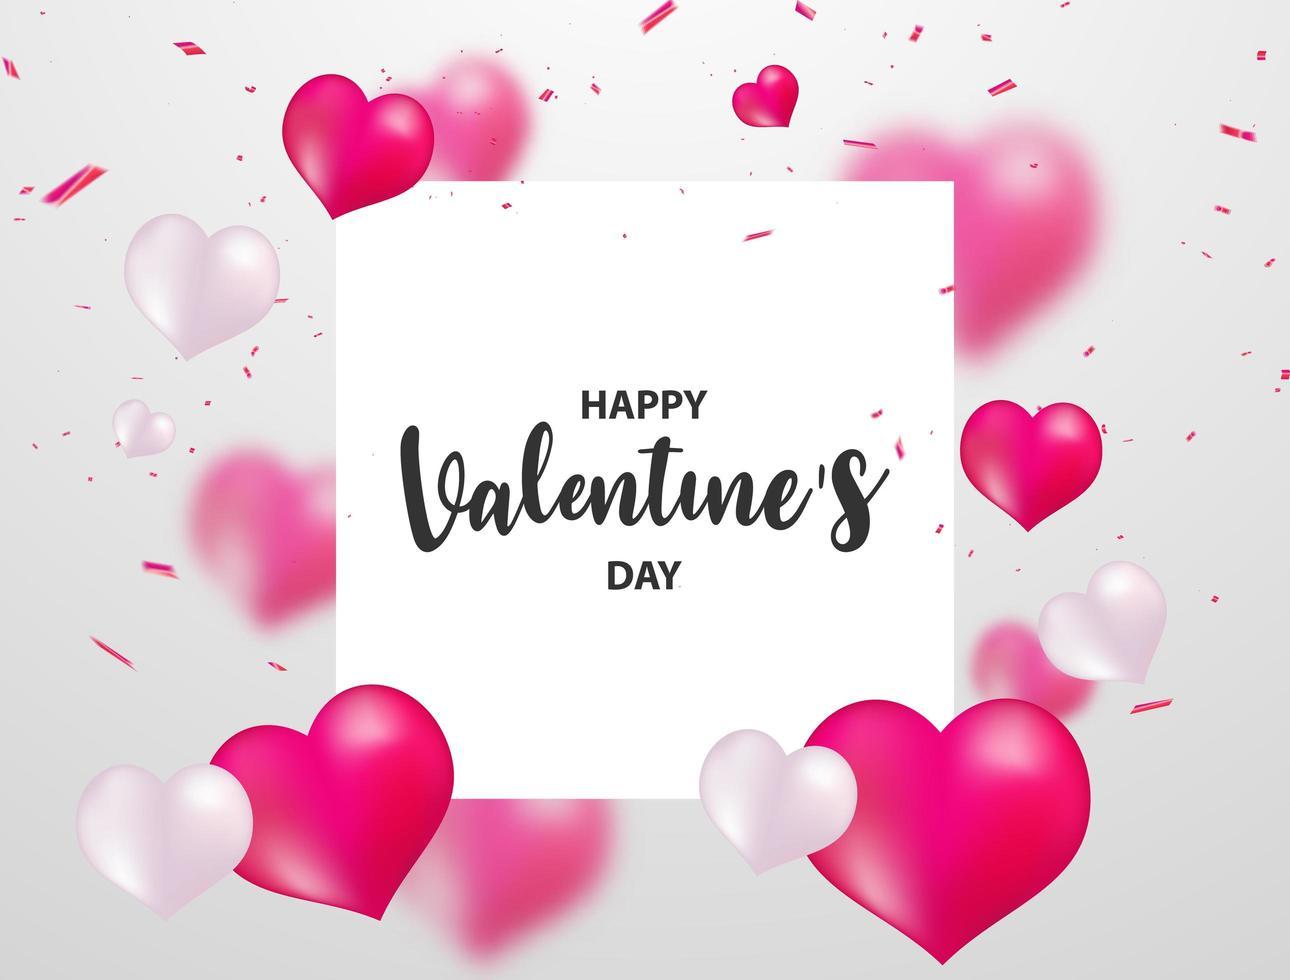 Bannière de la Saint-Valentin avec des confettis, des ballons coeur et un cadre blanc pour le texte vecteur